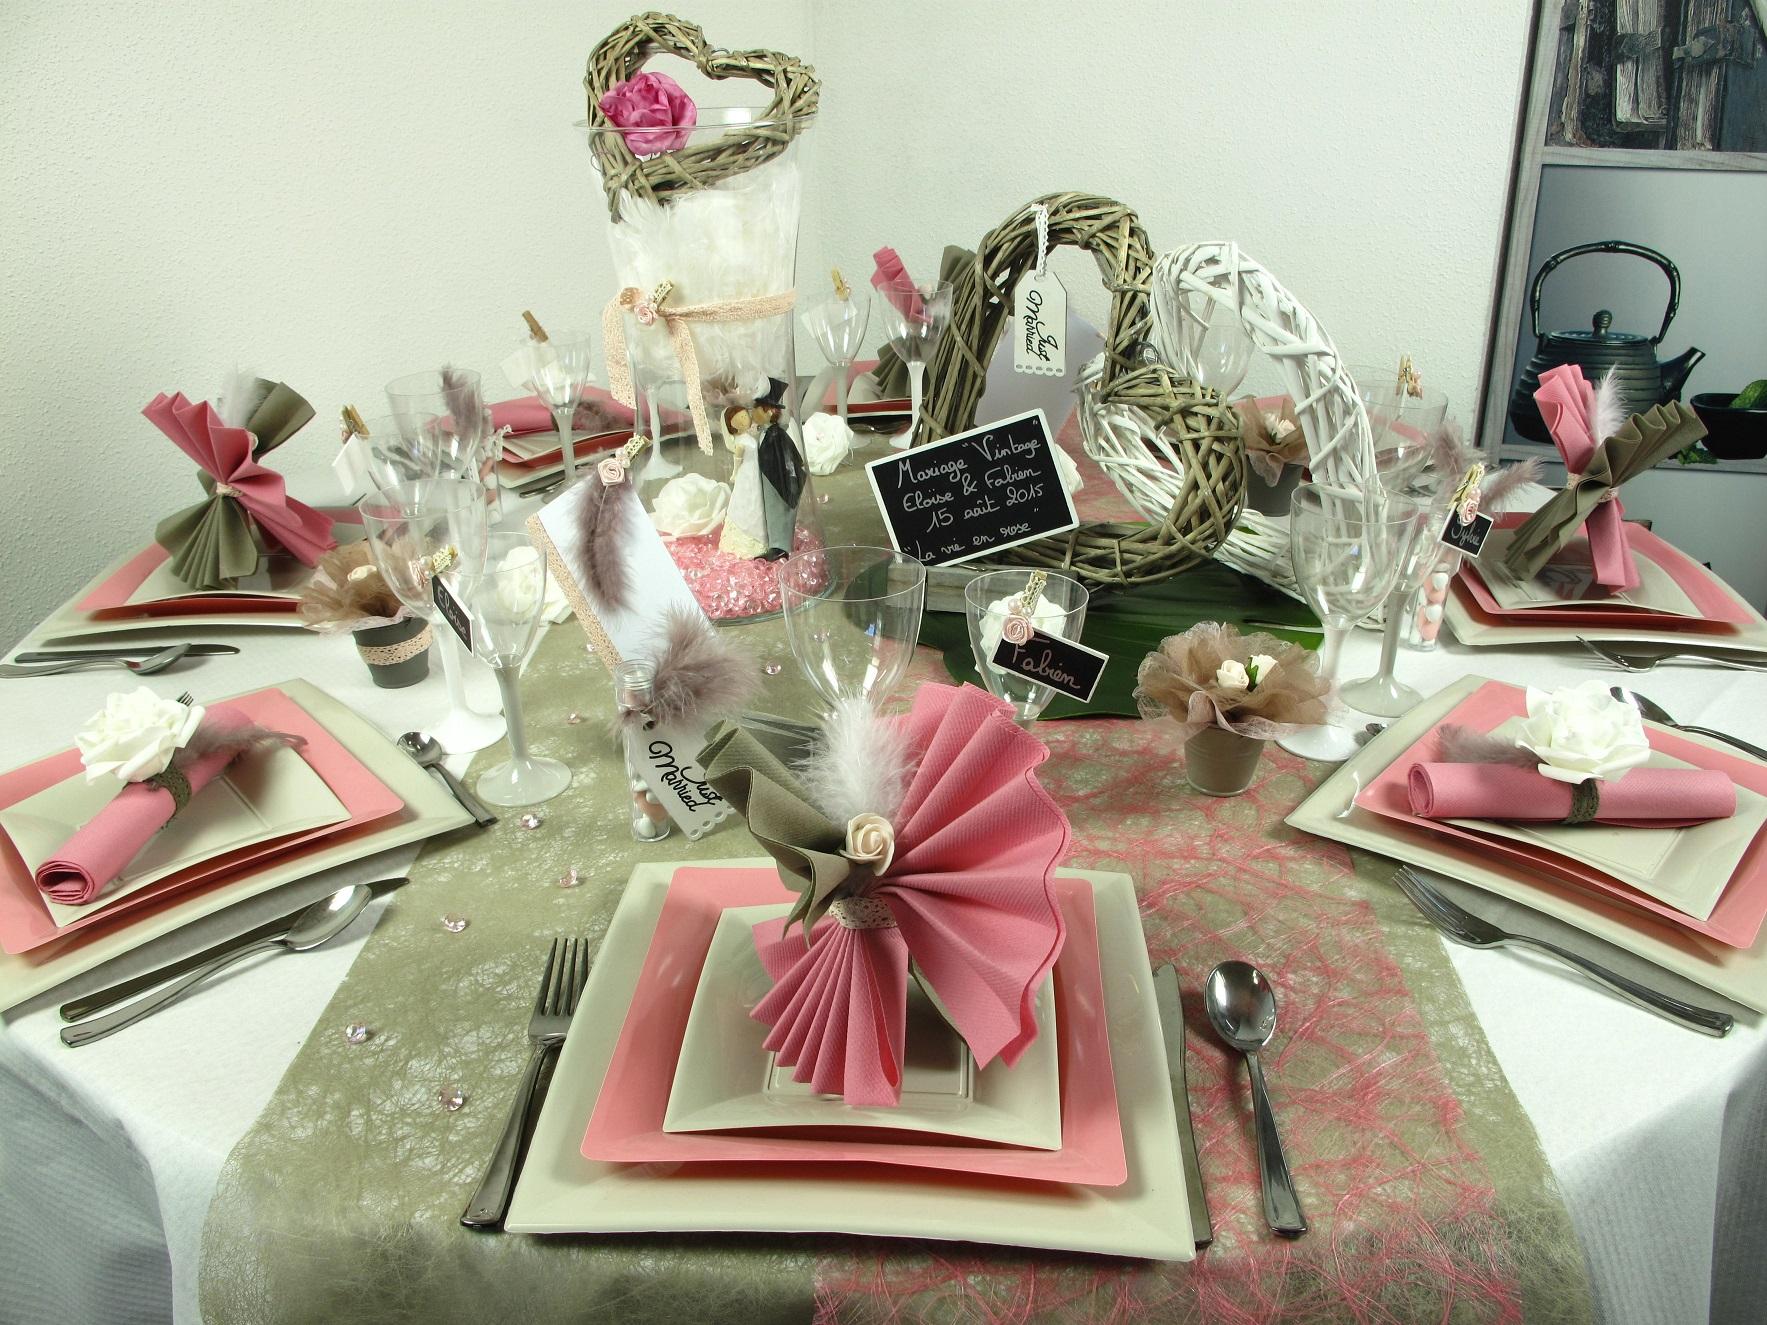 D co de table pour un mariage vintage id es deco id f tes - Decoration de table de mariage ...